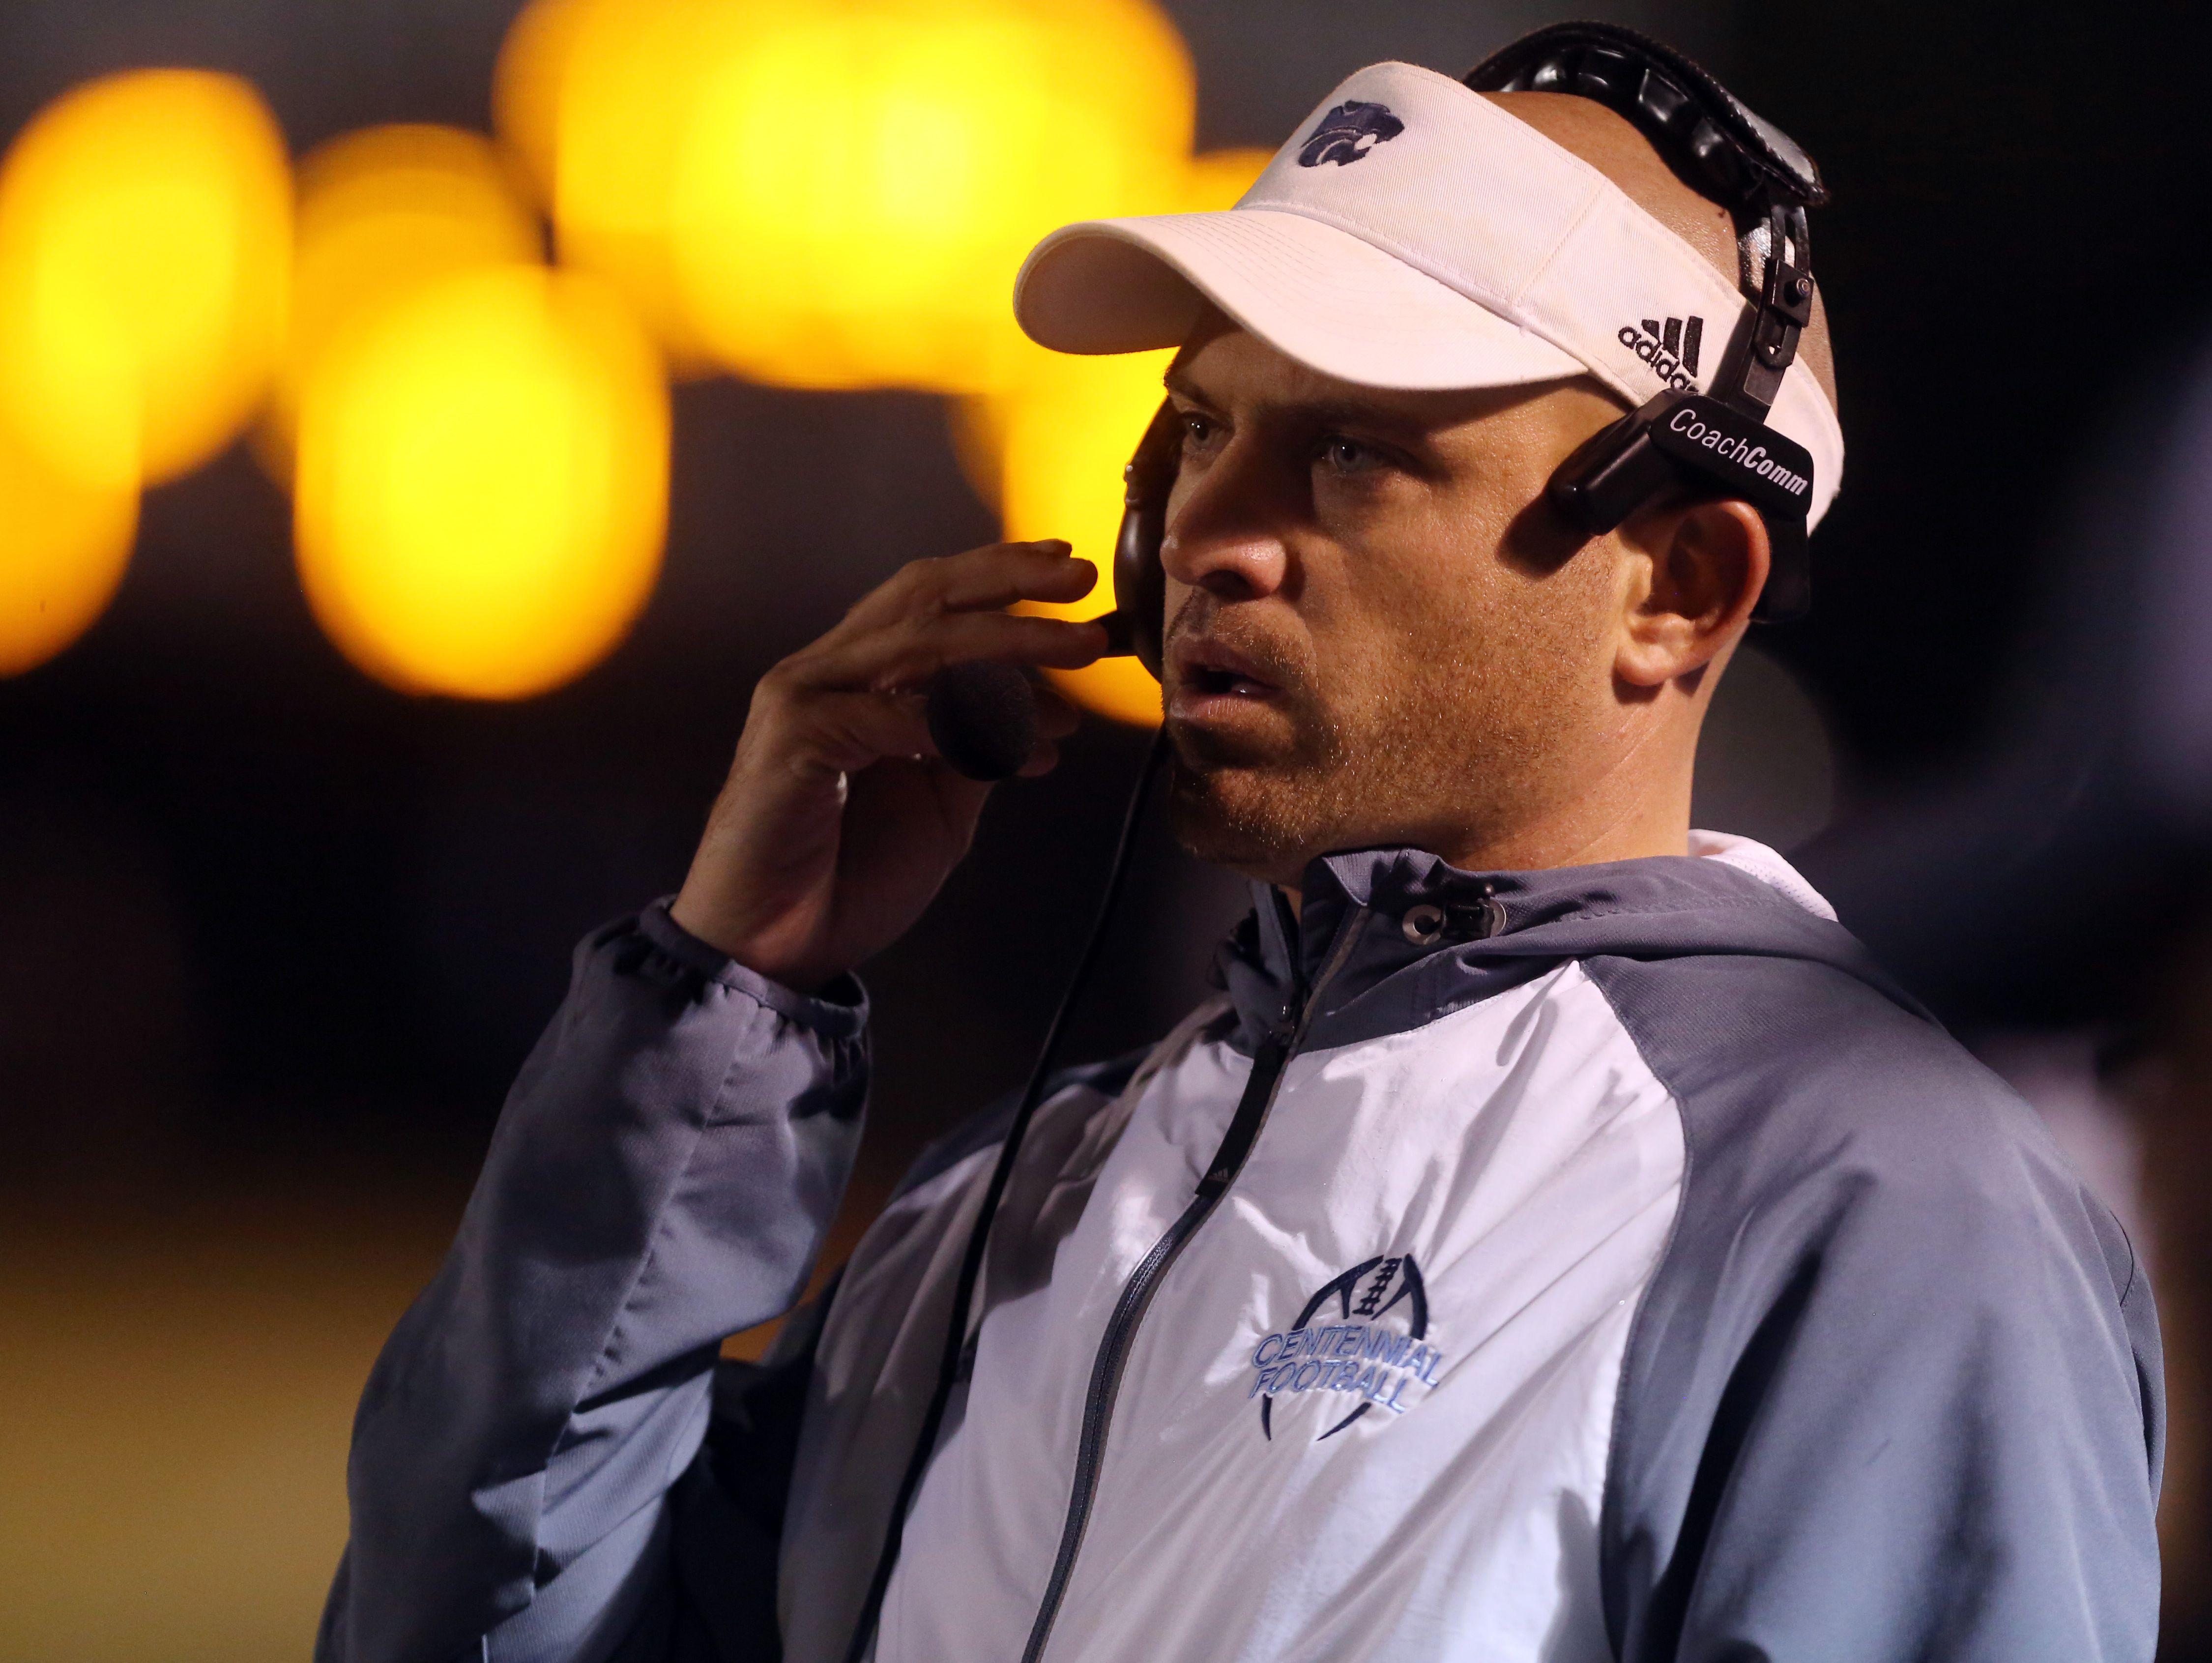 Centennial High School head coach Matt Kriesky